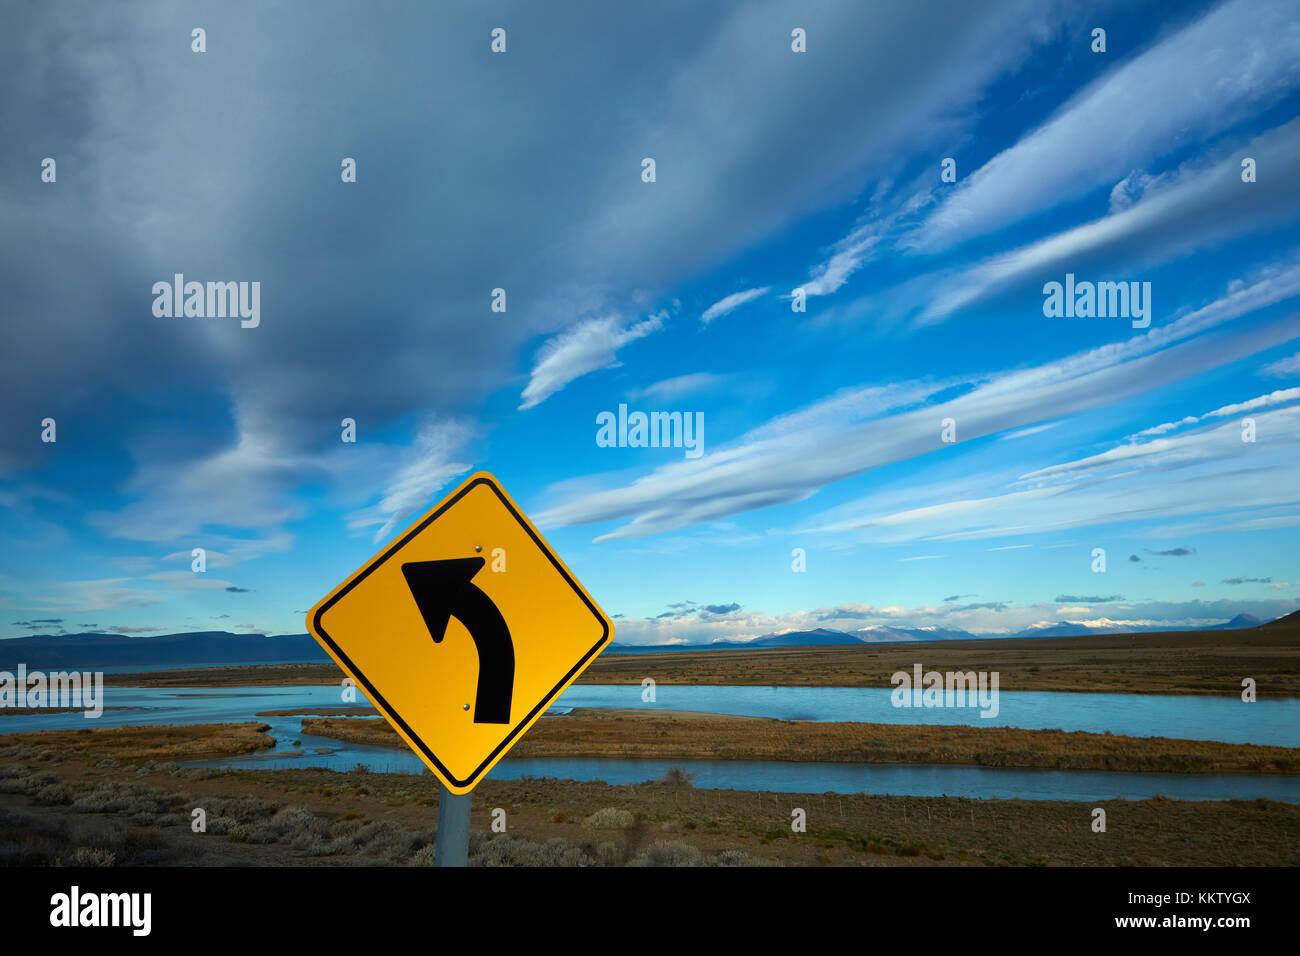 Señal de carretera y el río La Leona, Patagonia, Argentina, Sudamérica Imagen De Stock